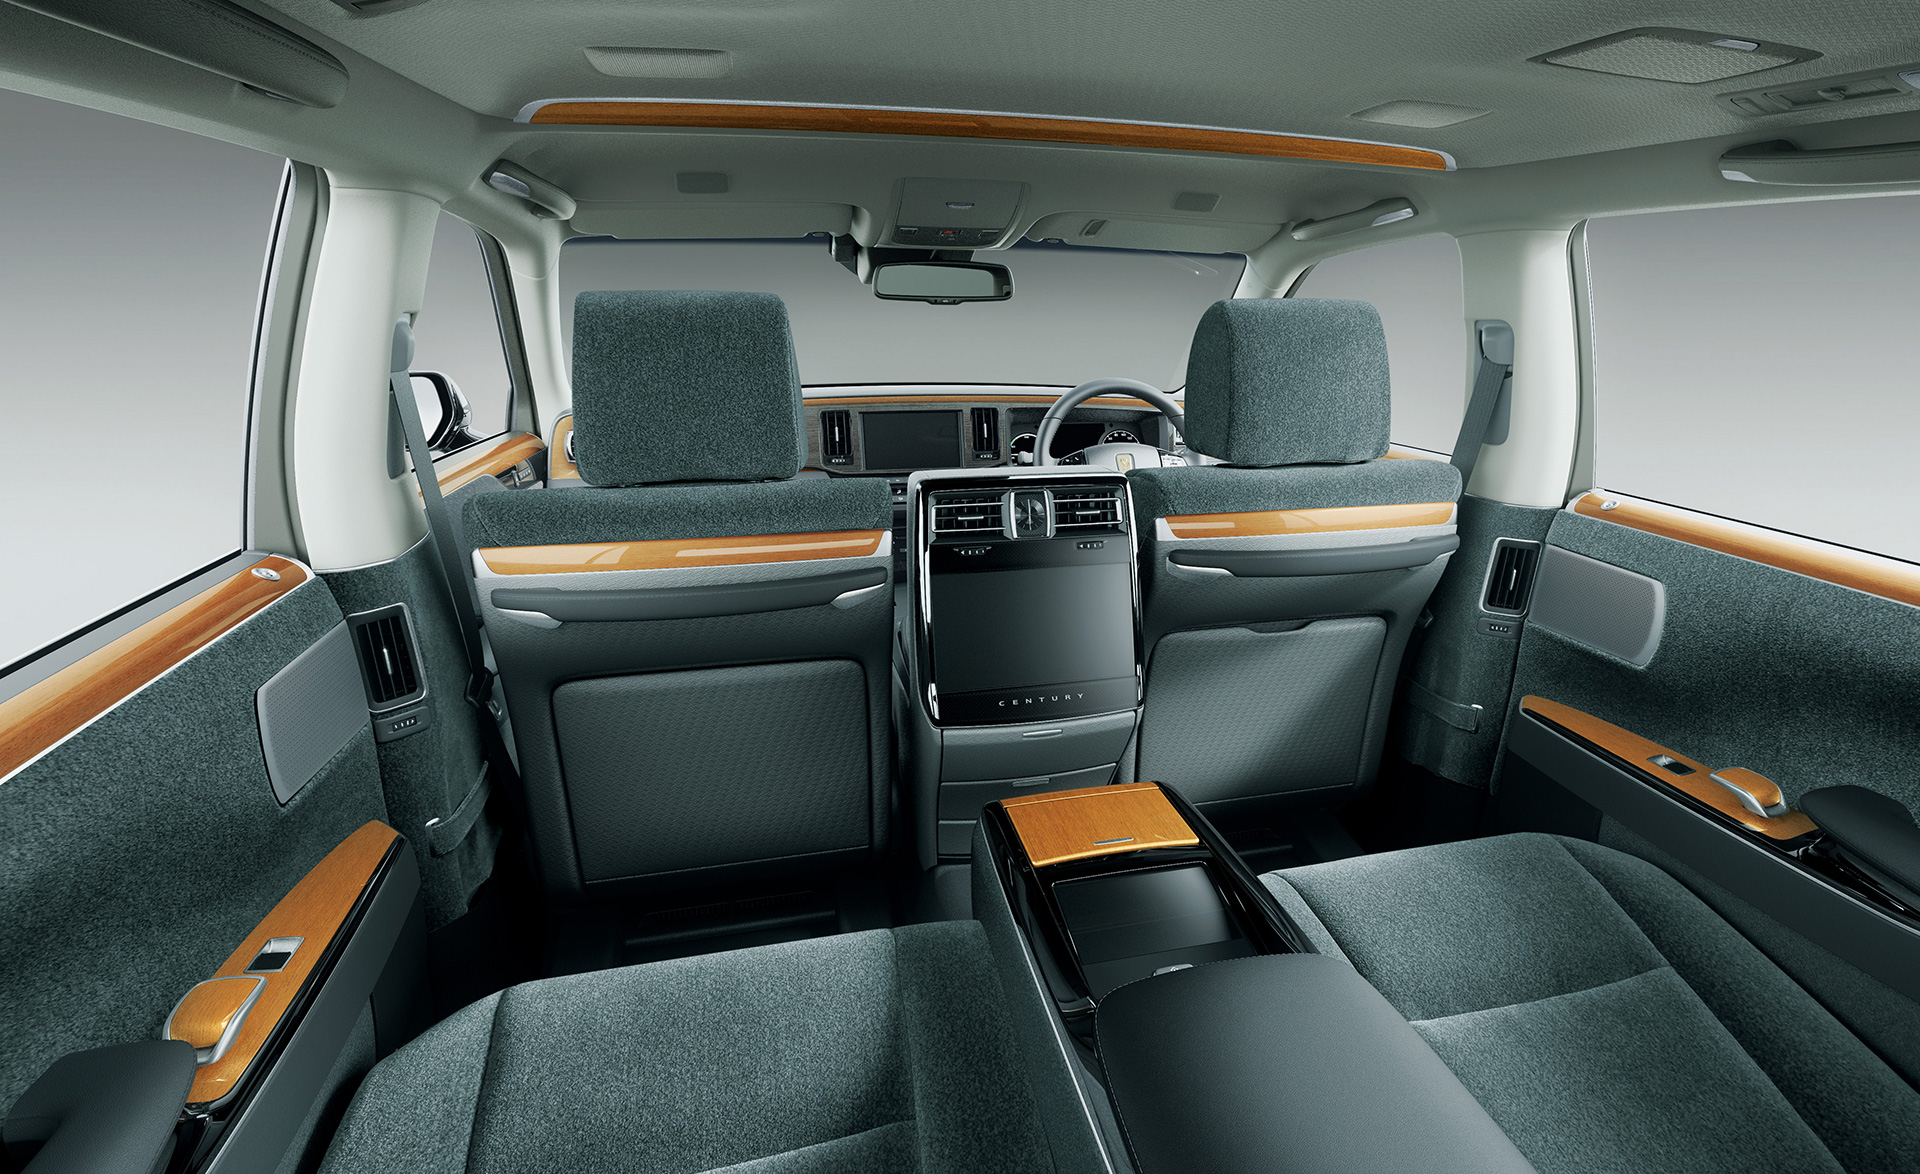 「【新車】新型トヨタ・センチュリーの快適性と「折り上げ天井様式」を採用した天井に注目」の11枚目の画像